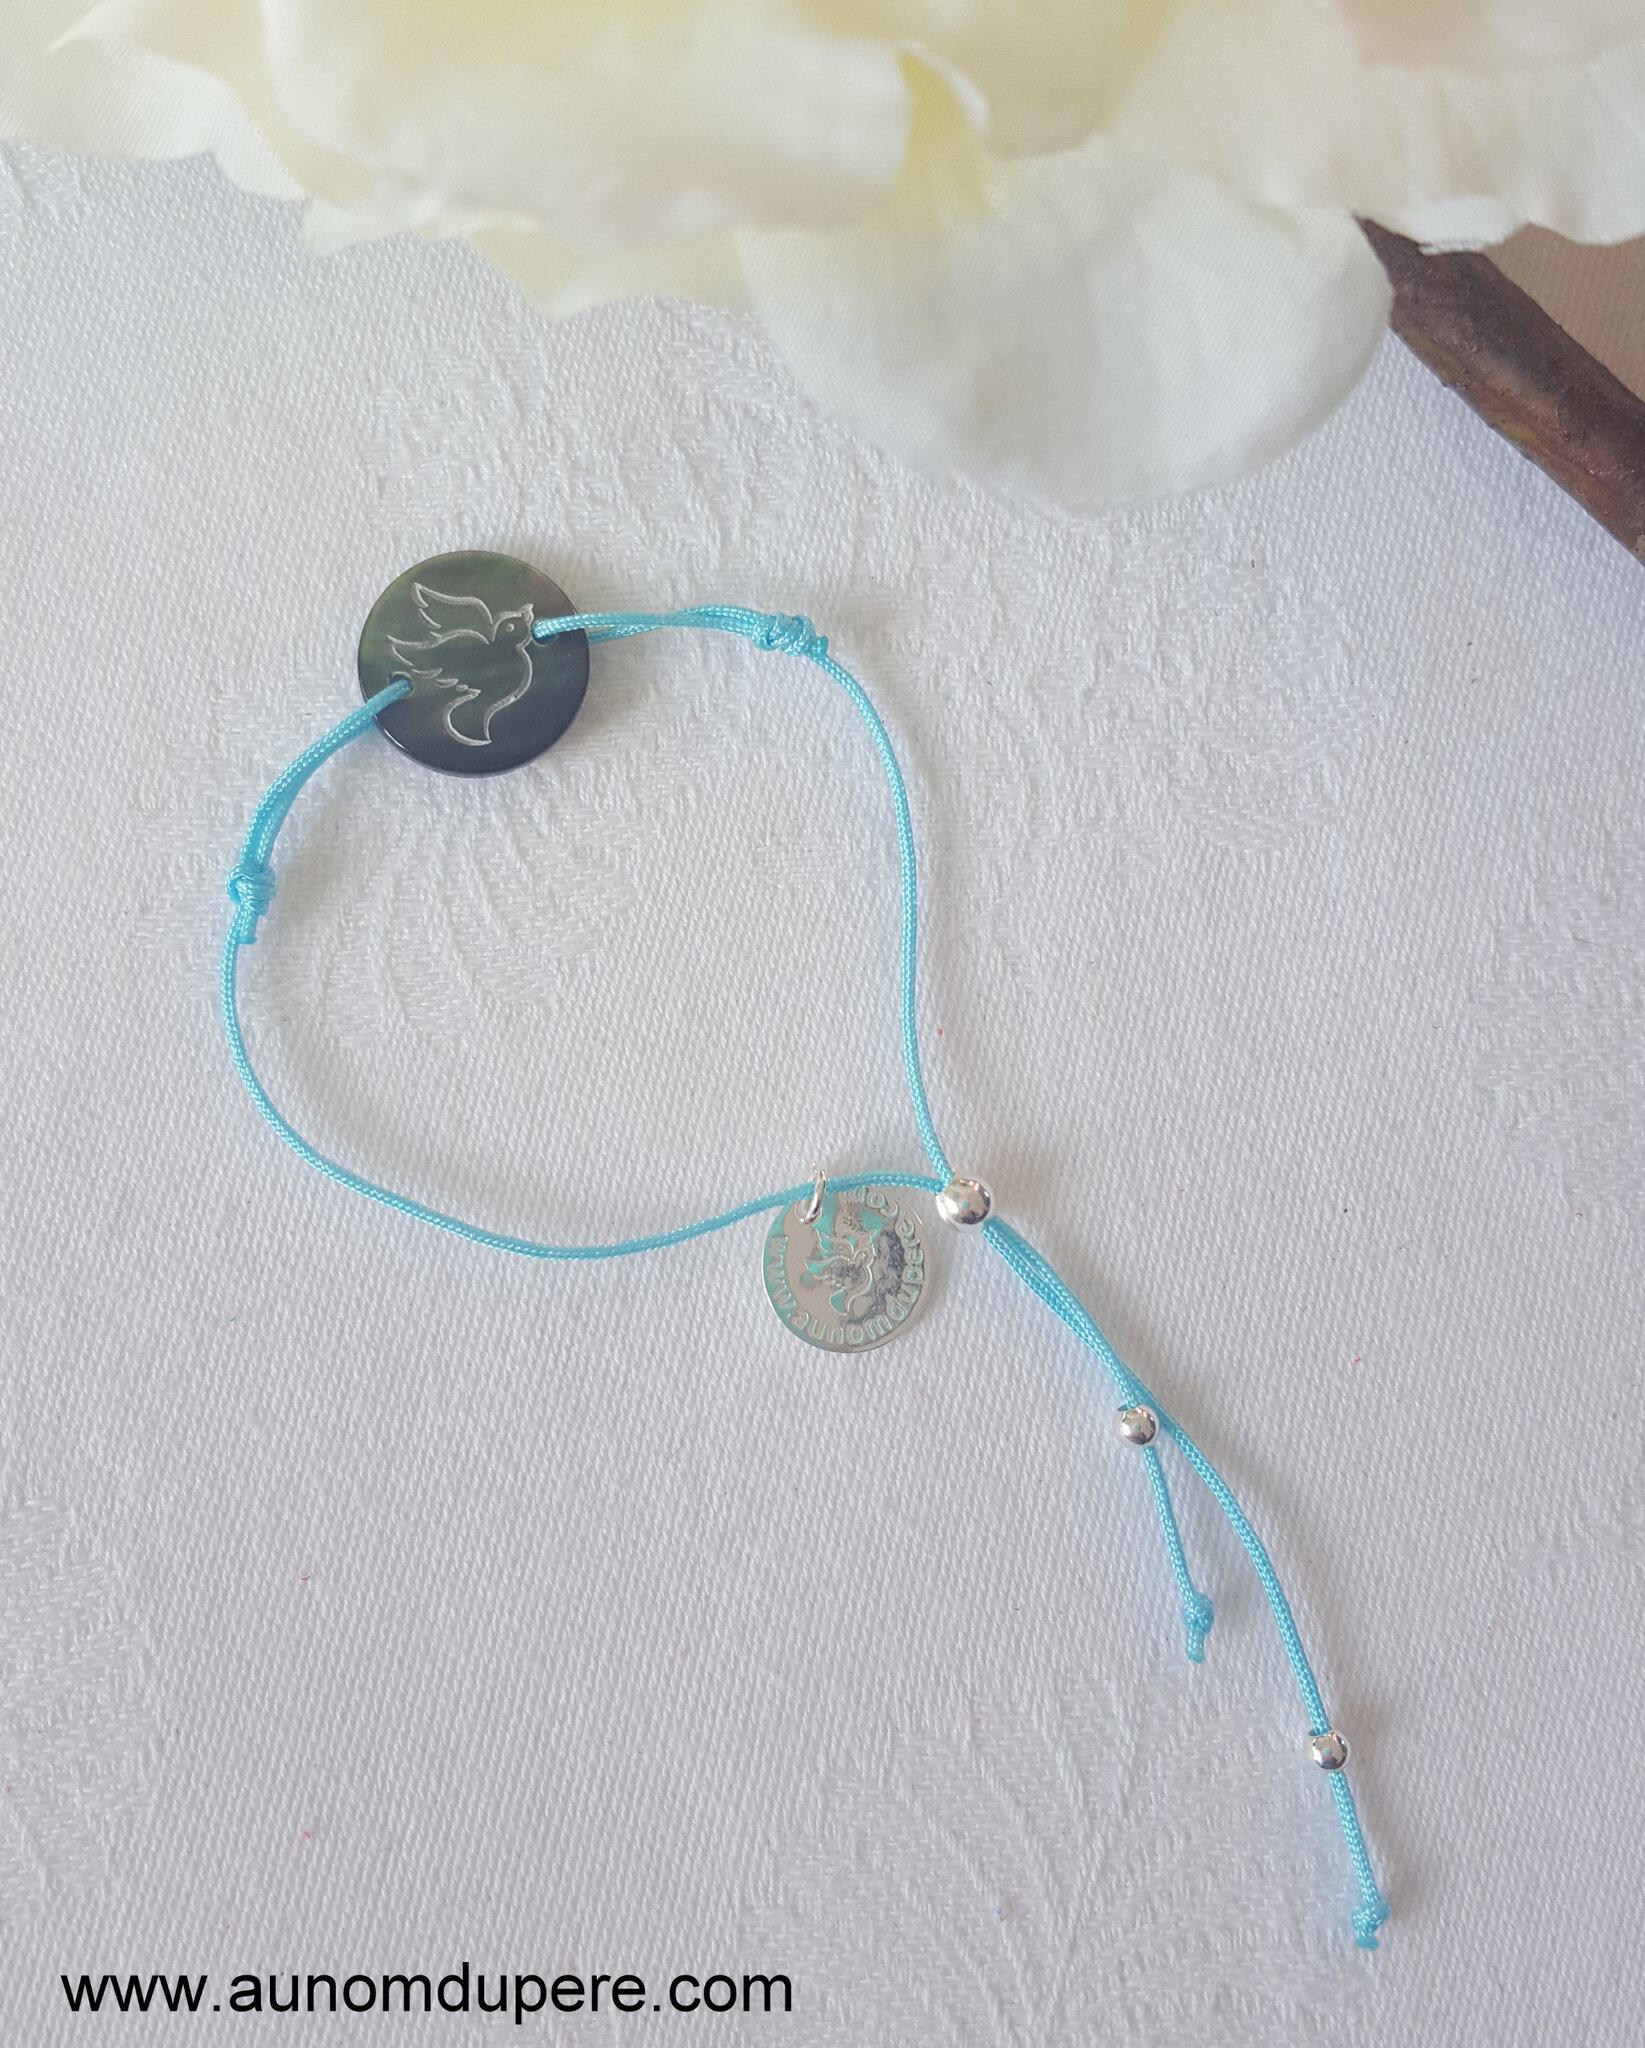 Bracelet médaille Esprit Saint en nacre (sur cordon bleu clair) - 19 €